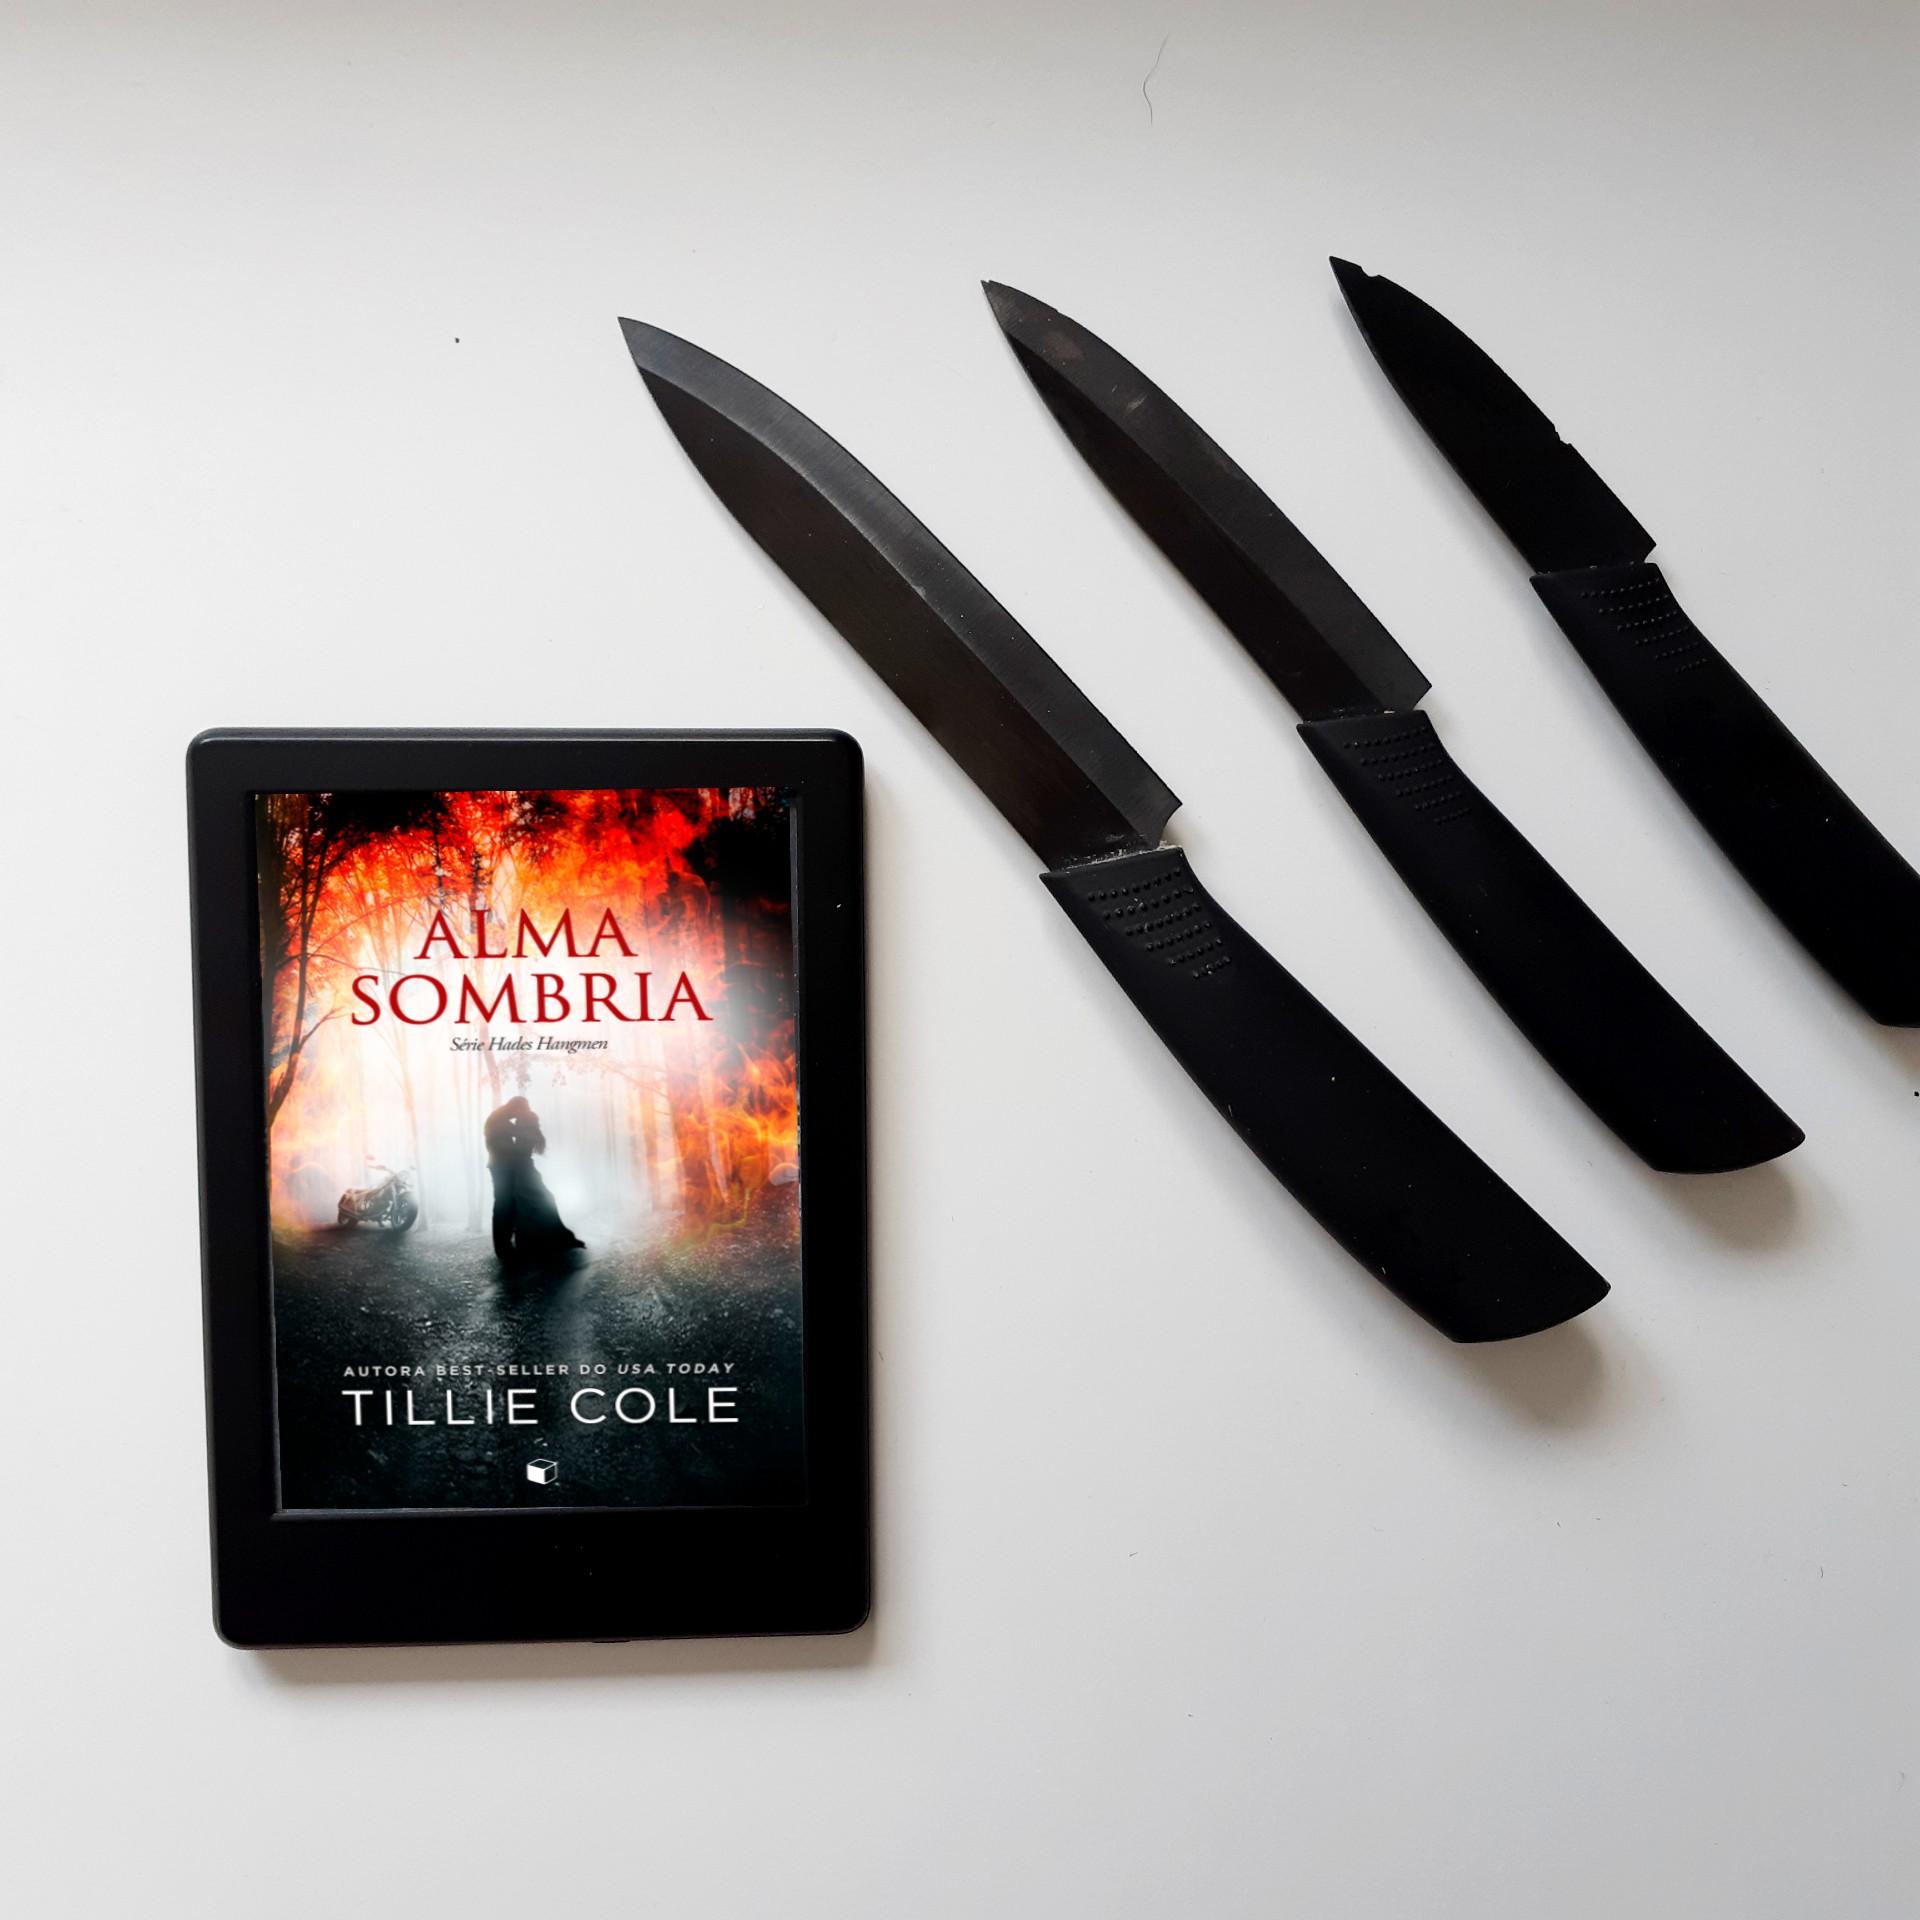 Livro Alma Sombria da série Hades Hangmen